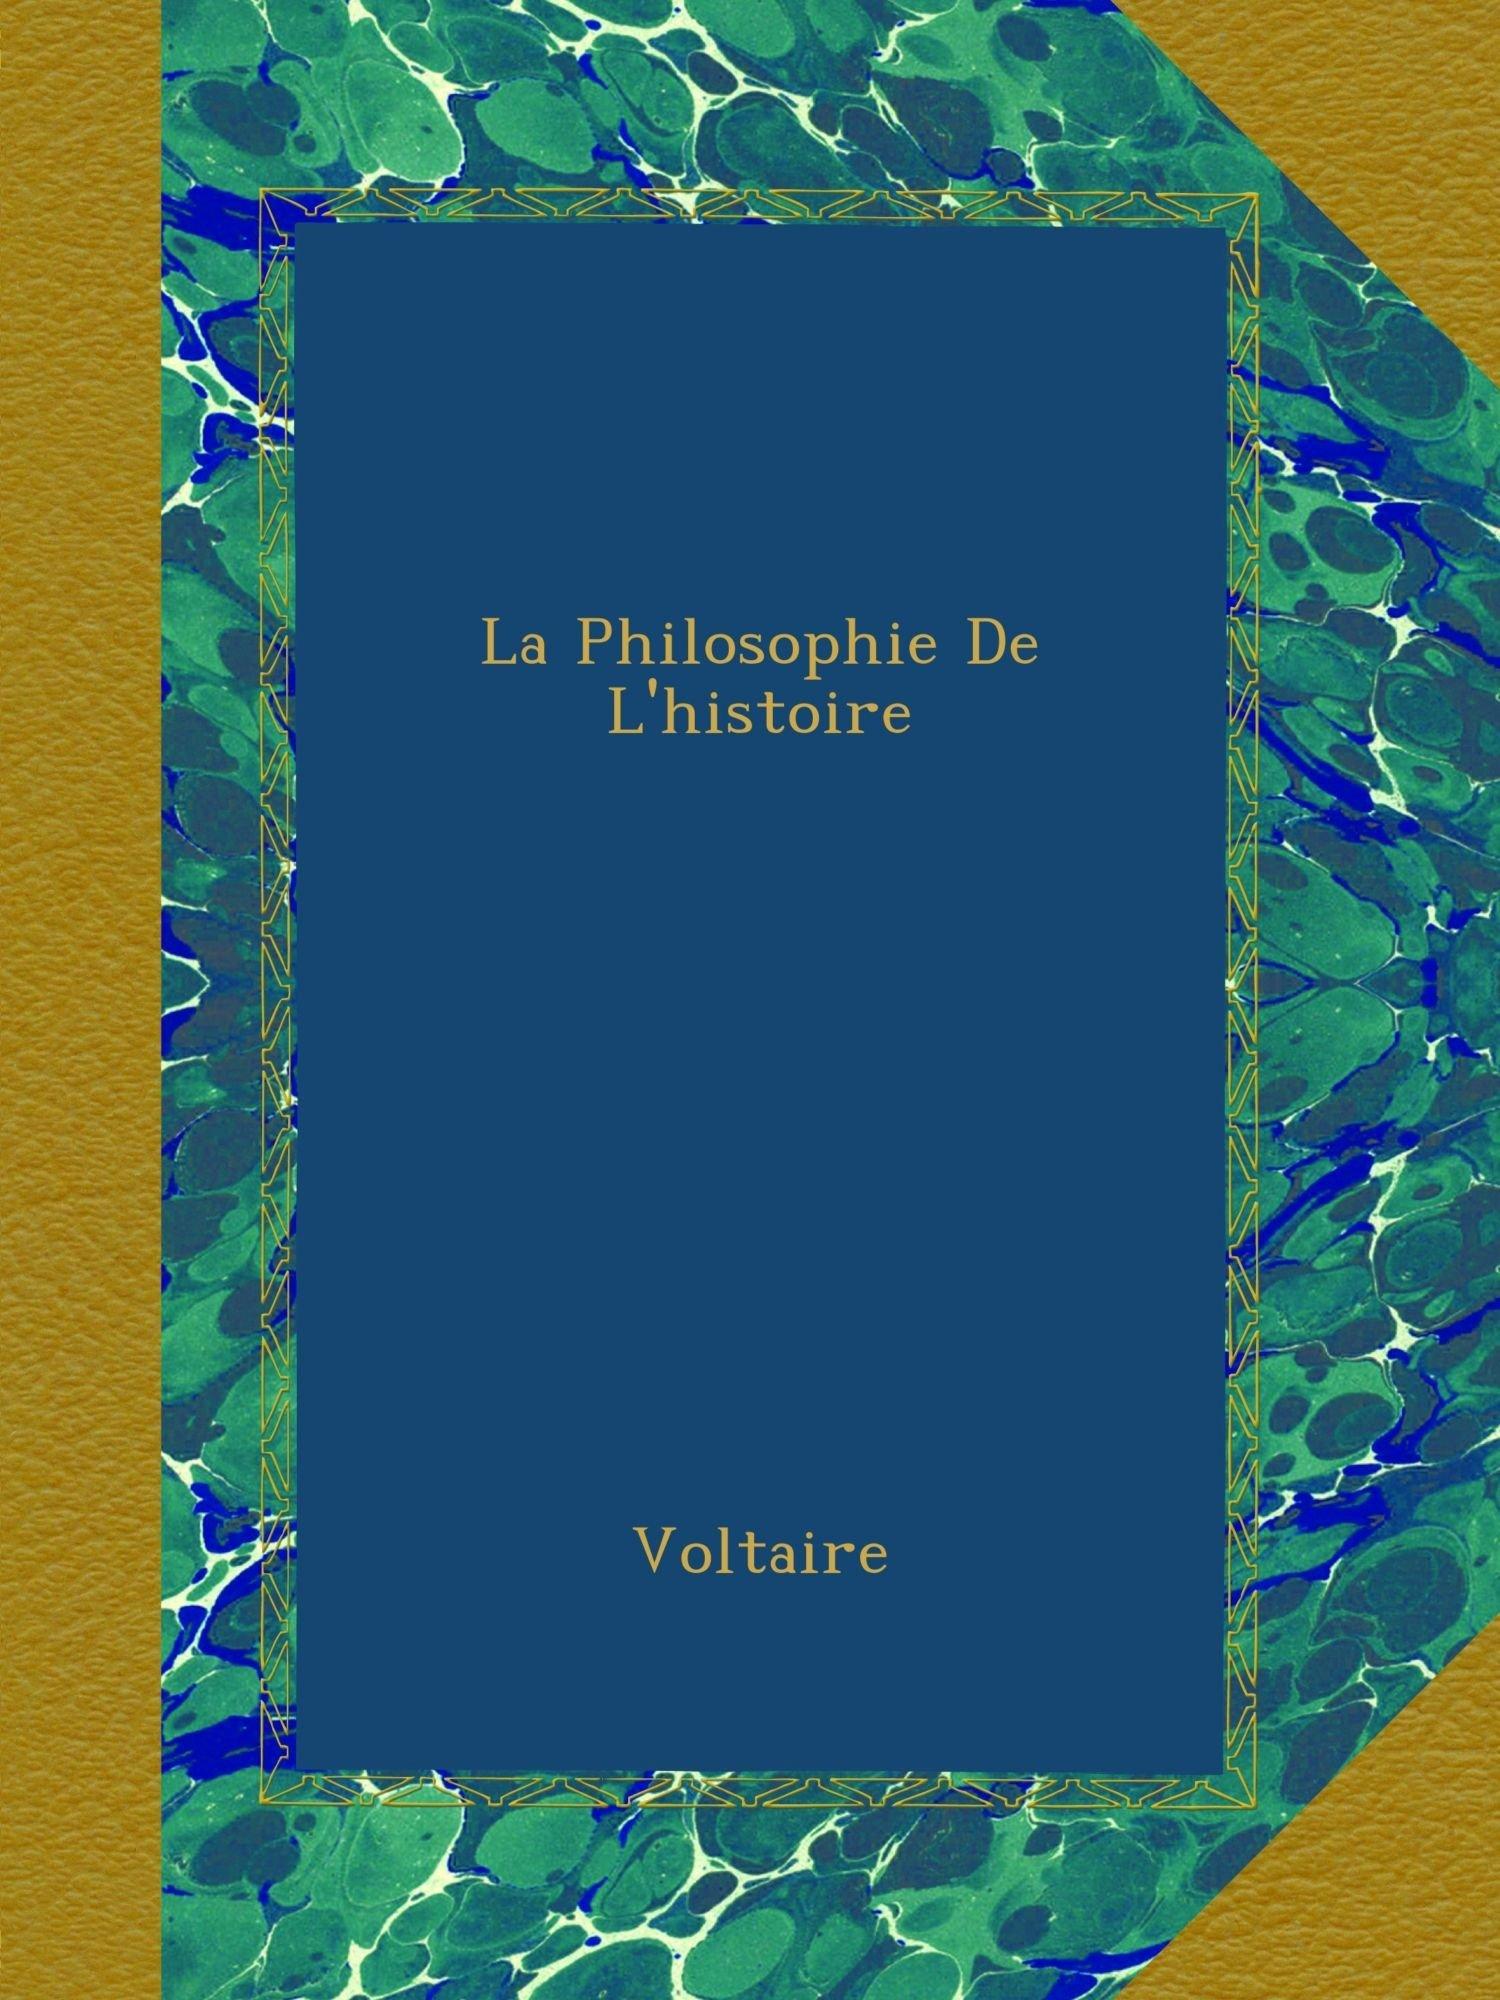 La Philosophie De L'histoire